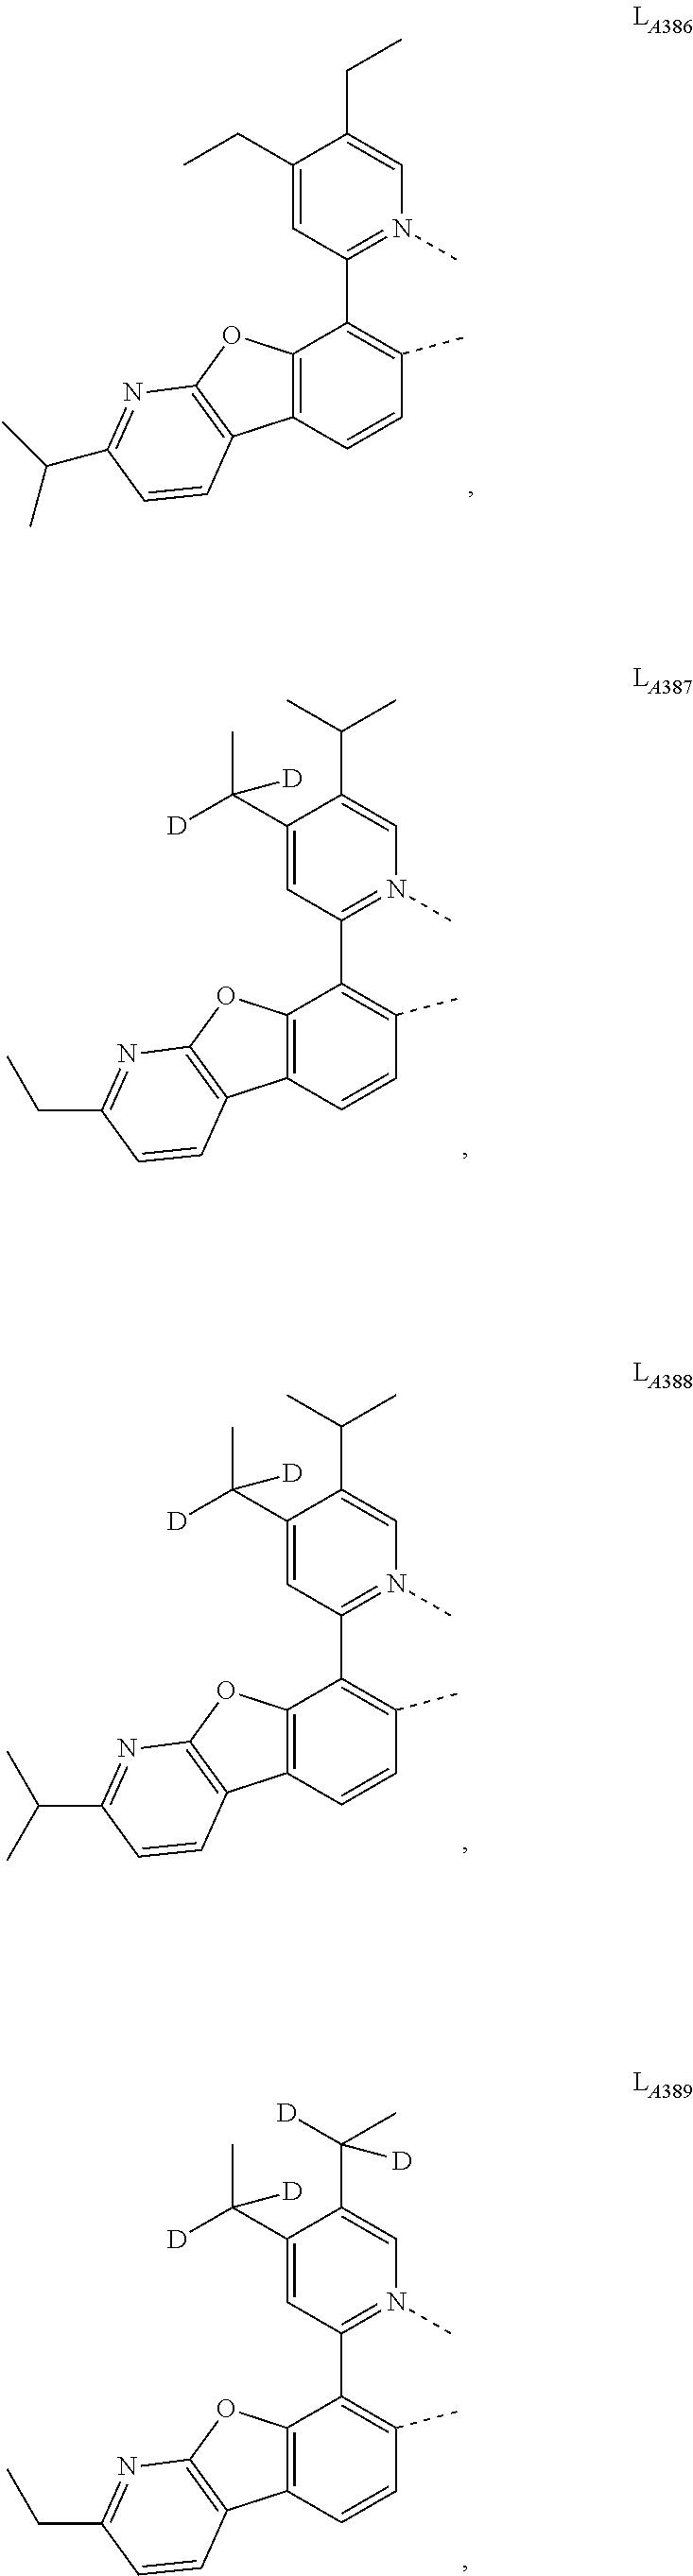 Figure US20160049599A1-20160218-C00101